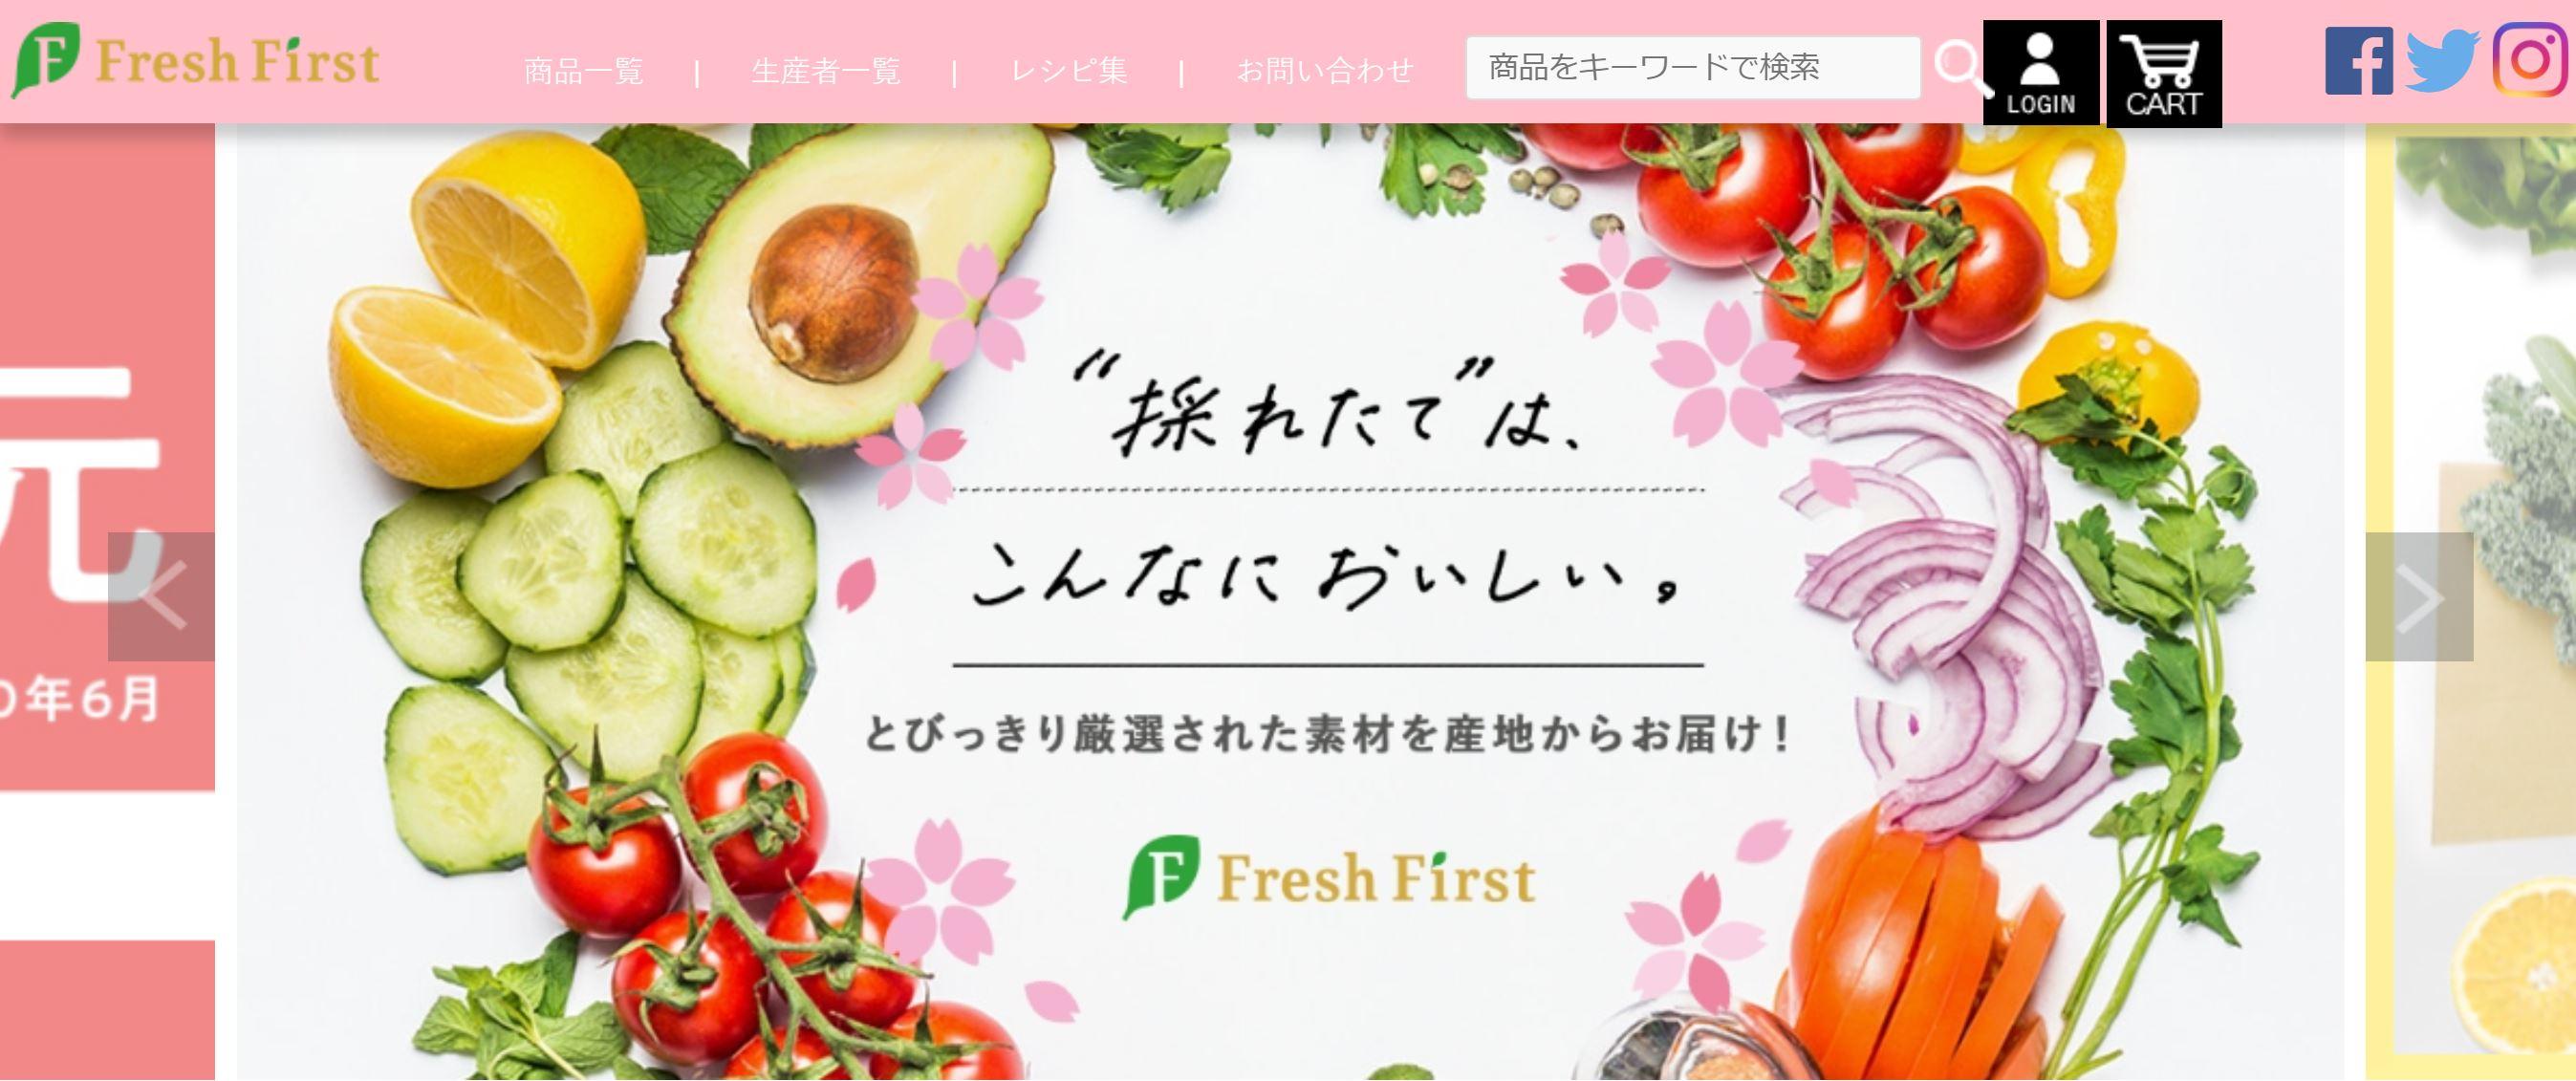 使い勝手が良いおすすめ有機野菜宅配サービス「フレッシュファースト」